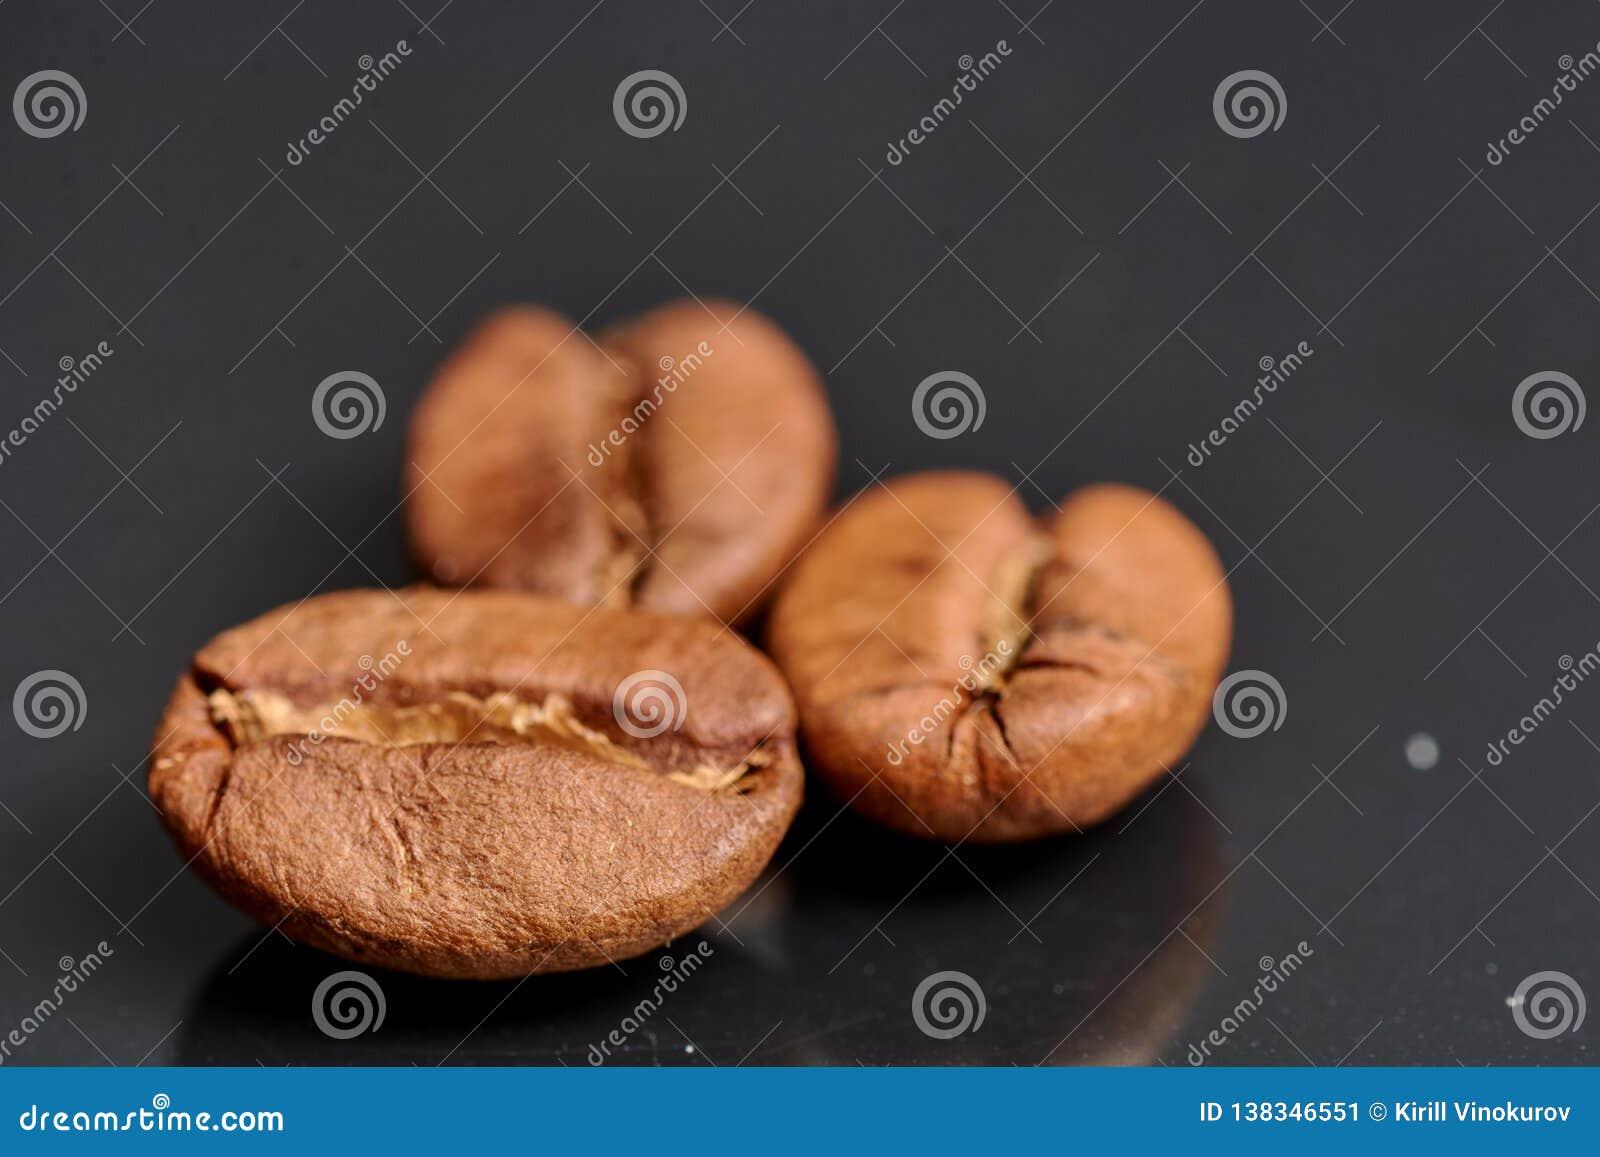 Φασόλια καφέ στο μαύρο υπόβαθρο σύμφωνο με